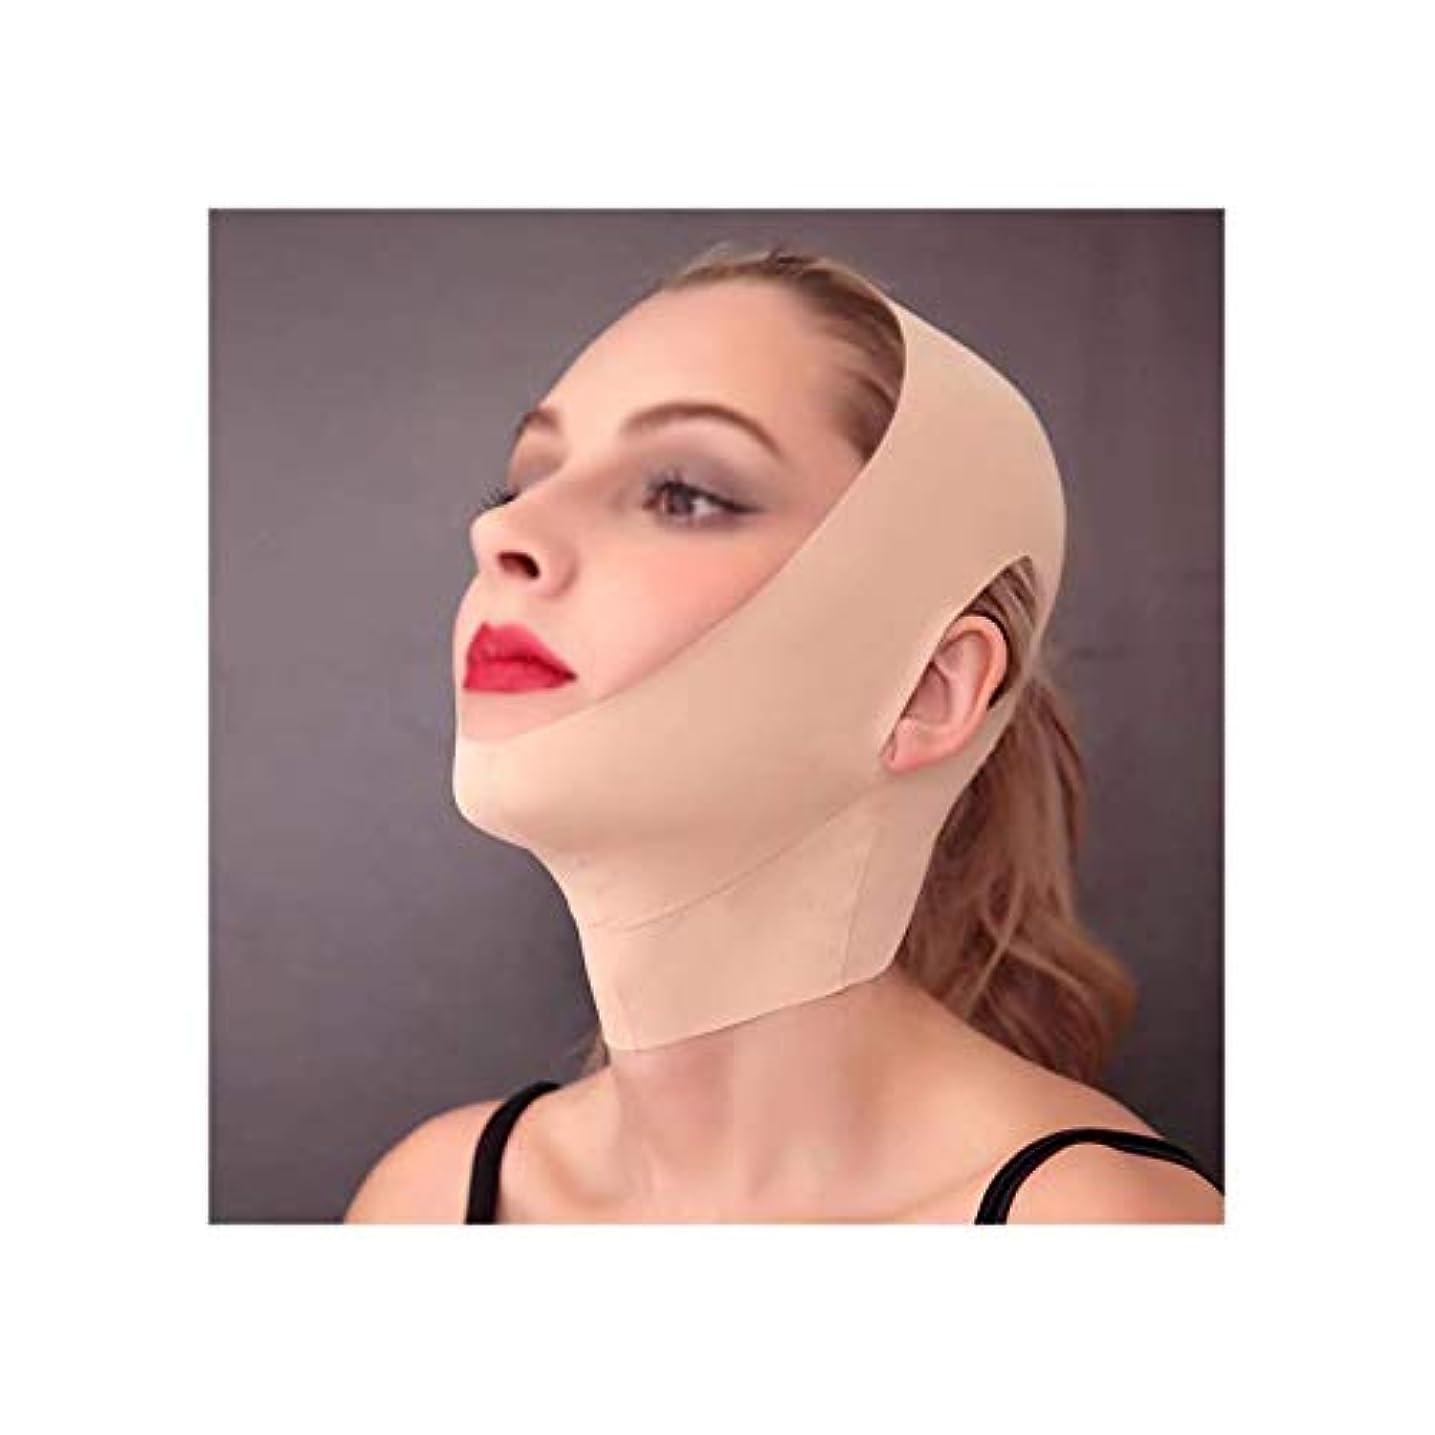 レイアコンデンサー怒りフェイシャルマスク、フェイスリフティングアーティファクト女性男性スリープフェイスVフェイスバンデージマスクリフティングフェイスコレクションファーミングフェイストゥーダブルチンスリミングベルト